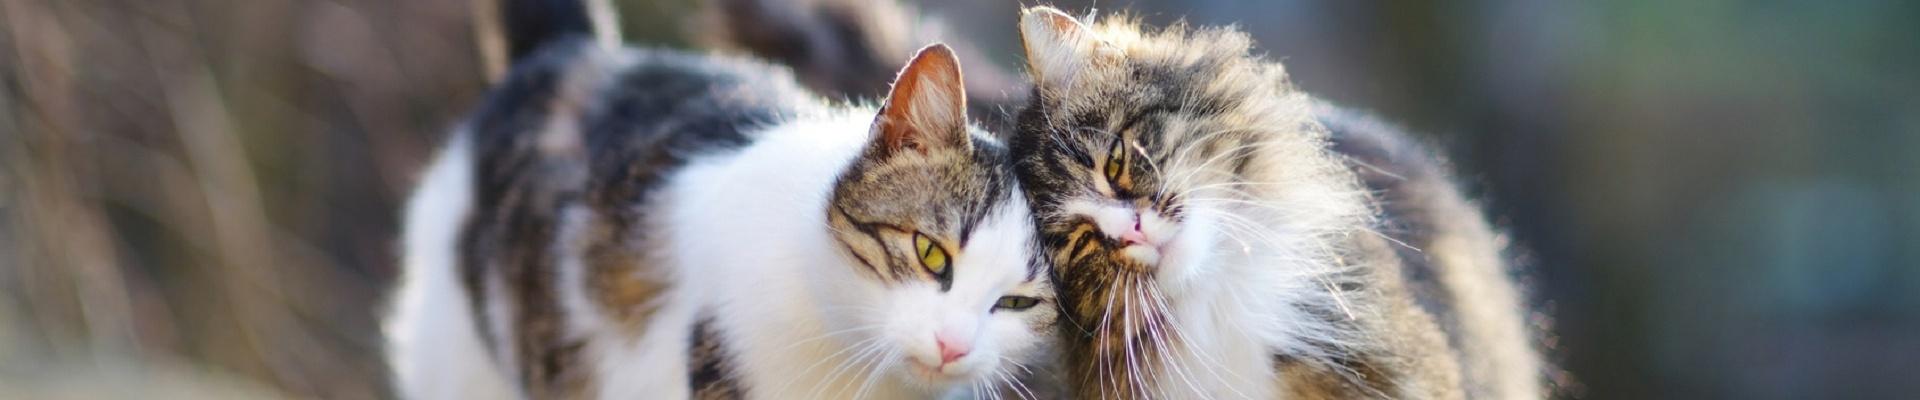 Katzenfutter für Senior Katzen bei Greenheart Austria